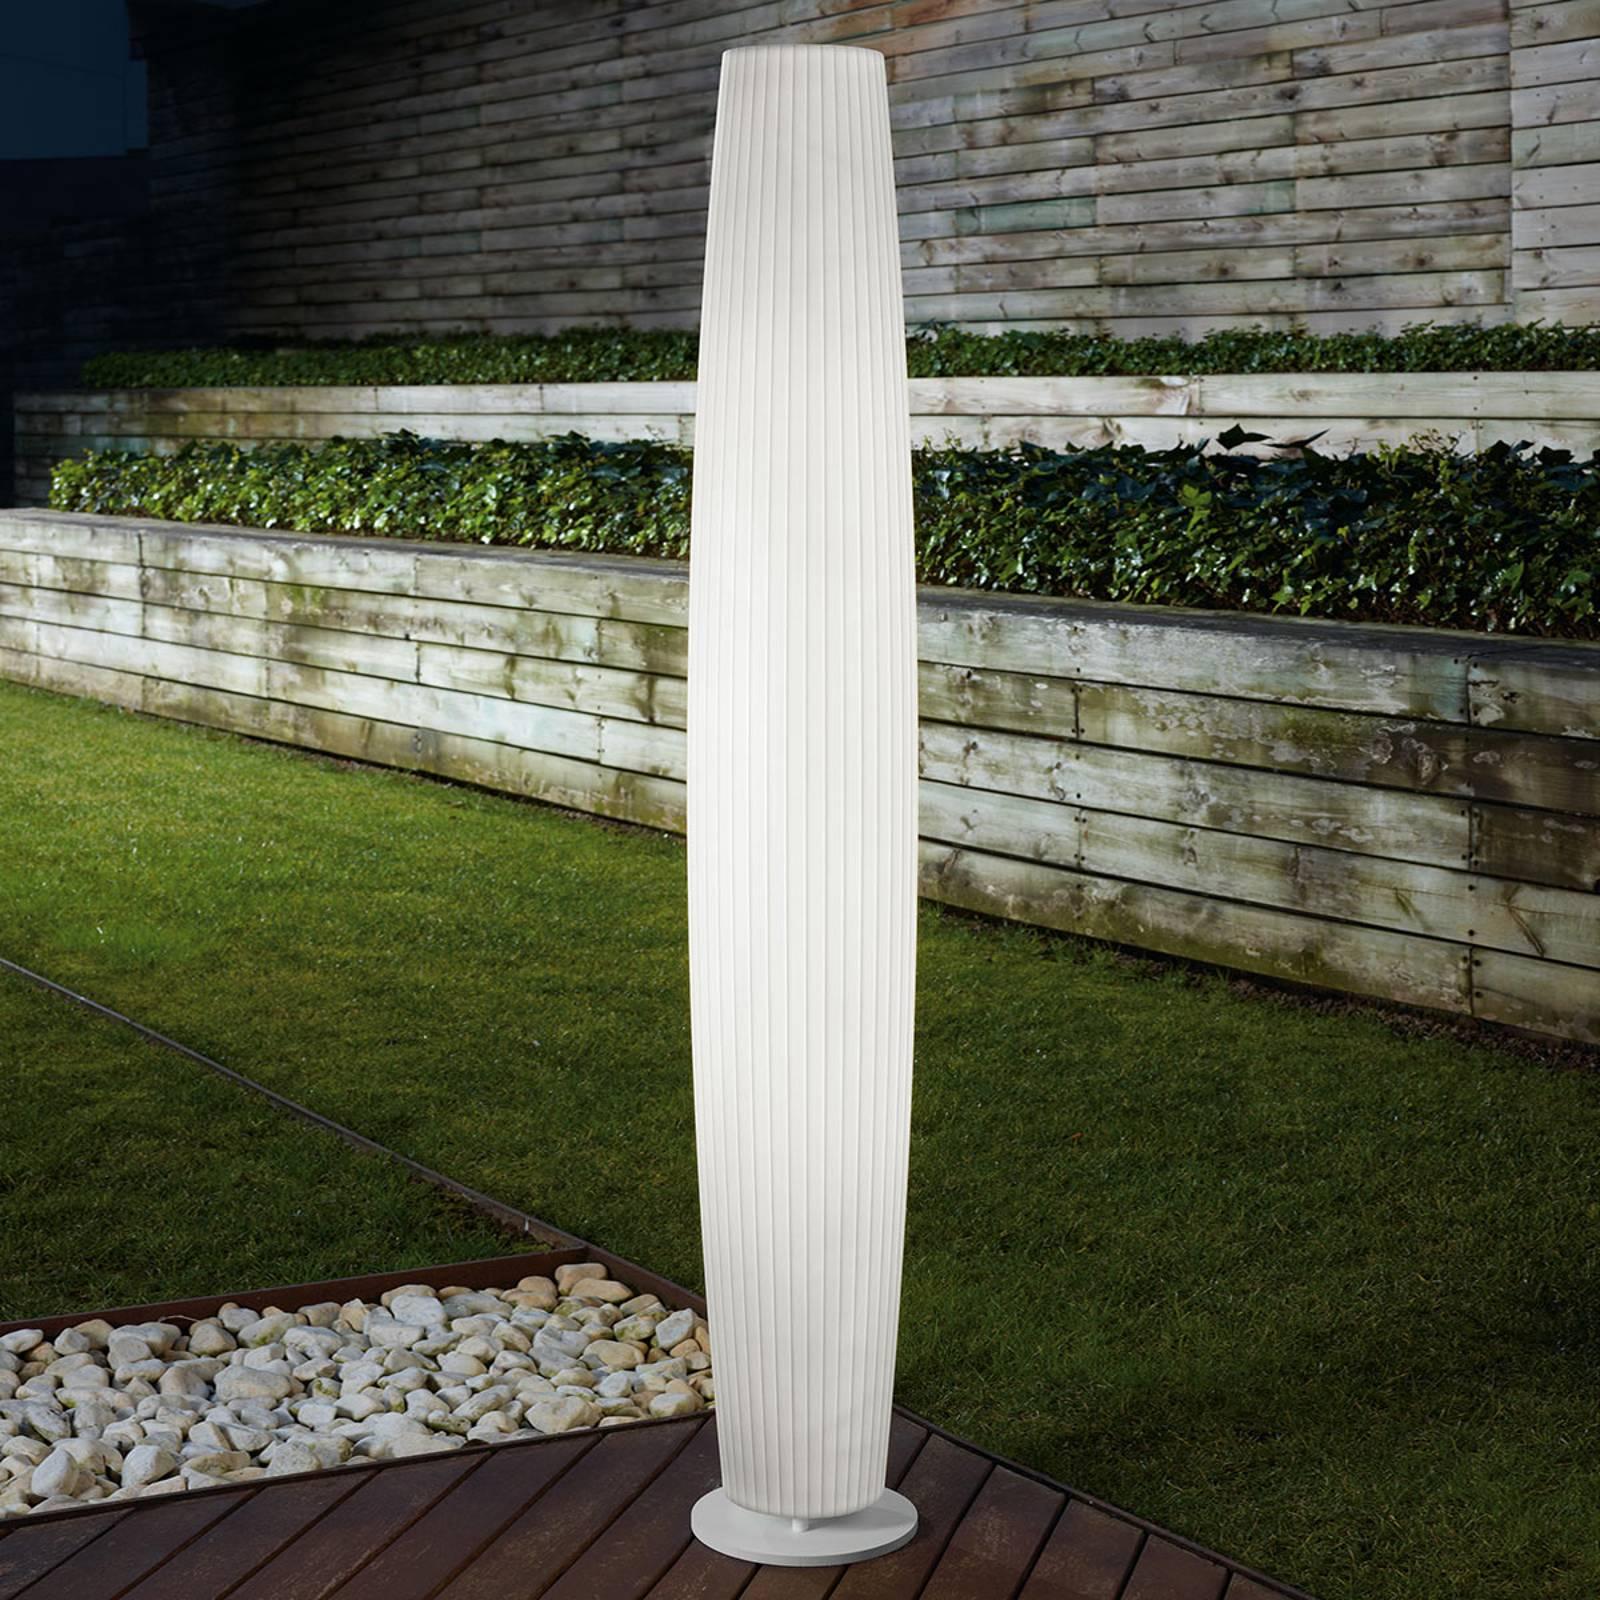 Bover Maxi P/180 LED-lattiavalaisin ulos